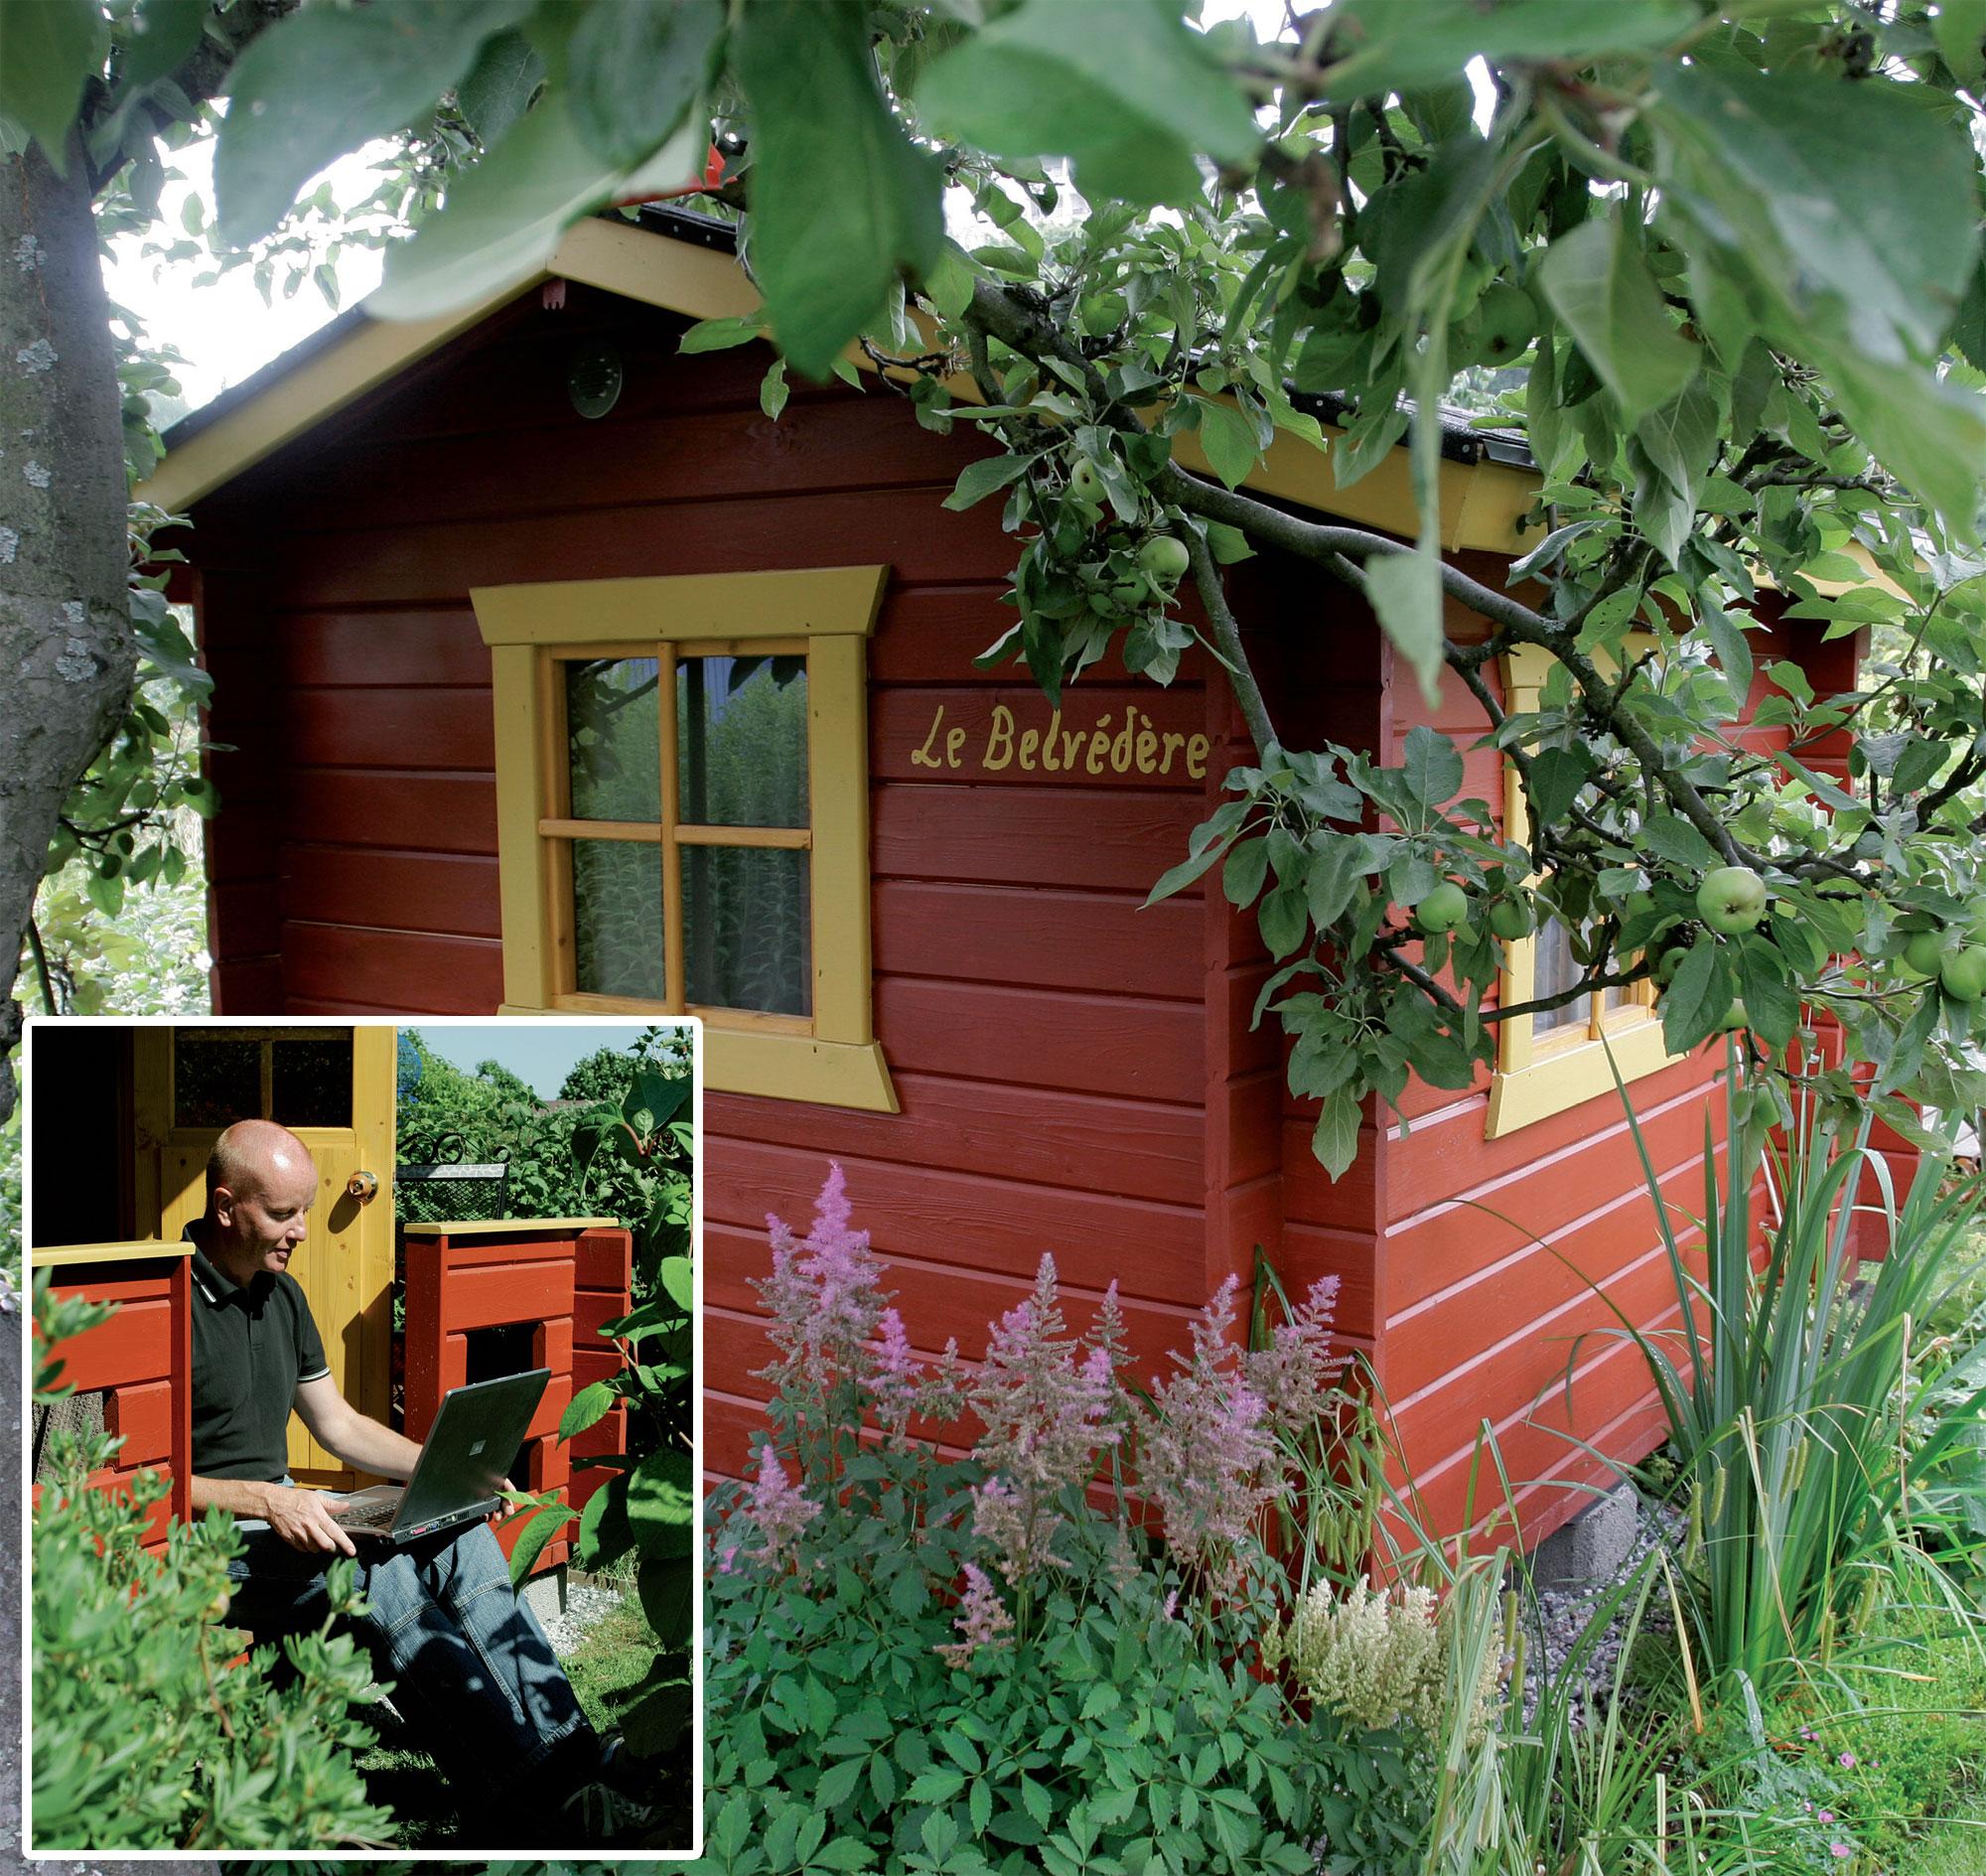 Puutarha on Thomasille inspiraation lähde. Vanha omenapuu varjostaa hänen Le Belvédère -nimistä työhuonettaan.